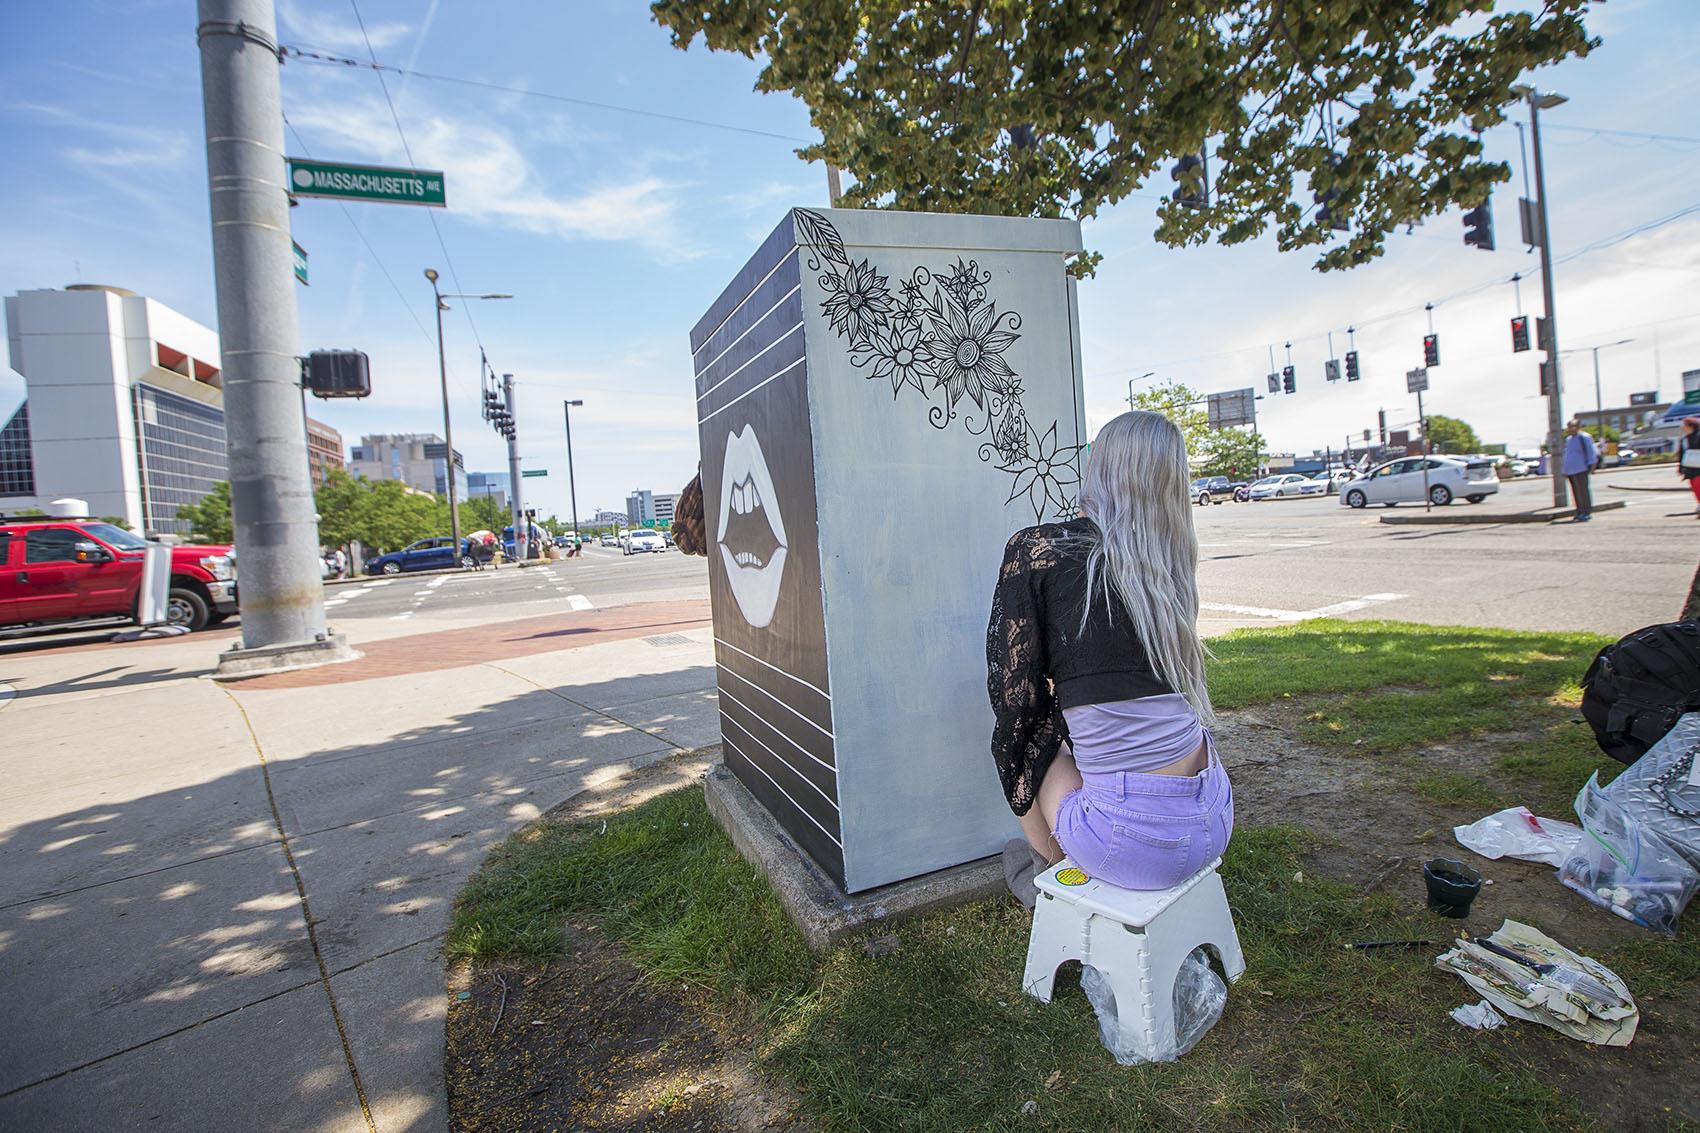 Artist Kitty Zen draws a design on an electrical box at the corner of Massachusetts Avenue and Melnea Cass Boulevard. (Jesse Costa/WBUR)